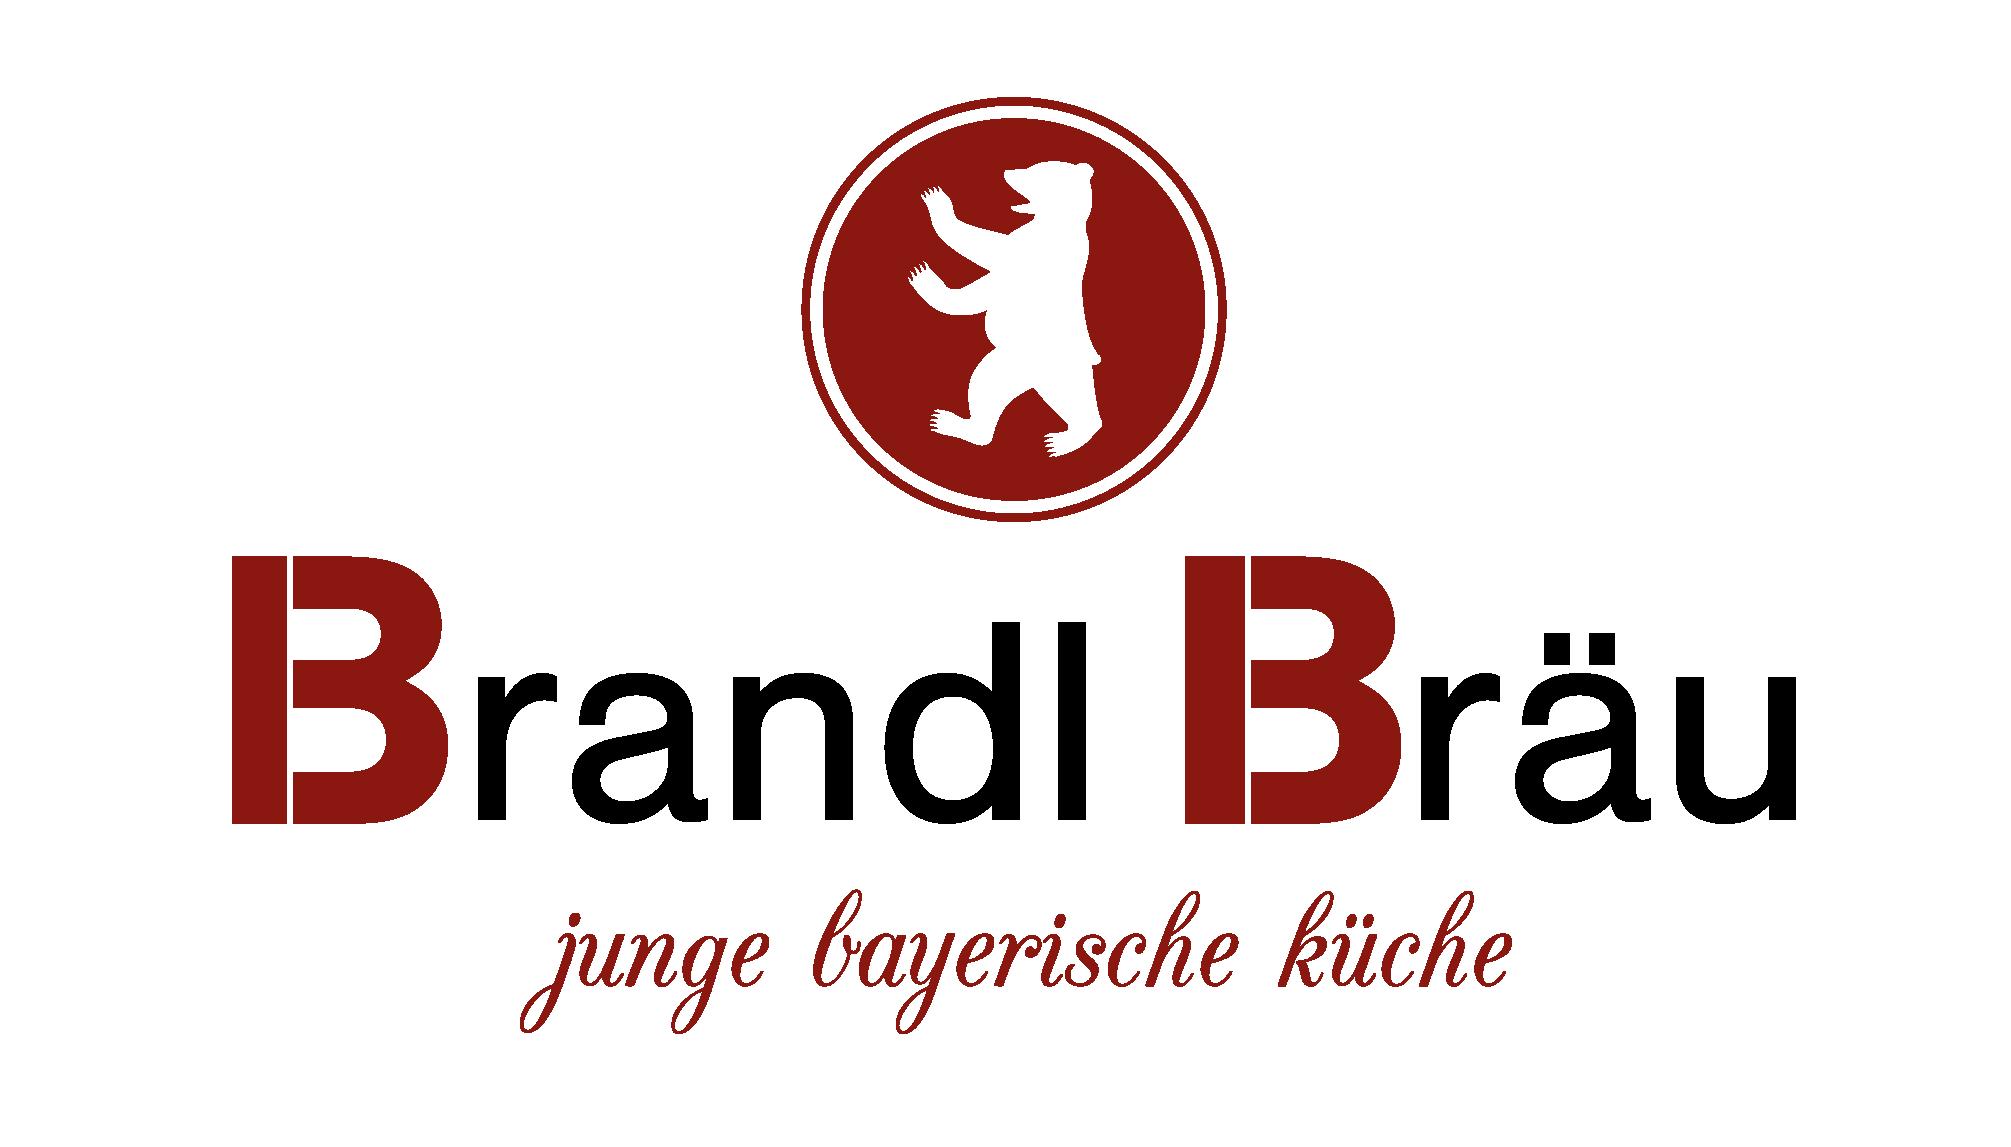 Restaurant und Wirtshaus in Regensburg - Brandl Bräu - Regensburg